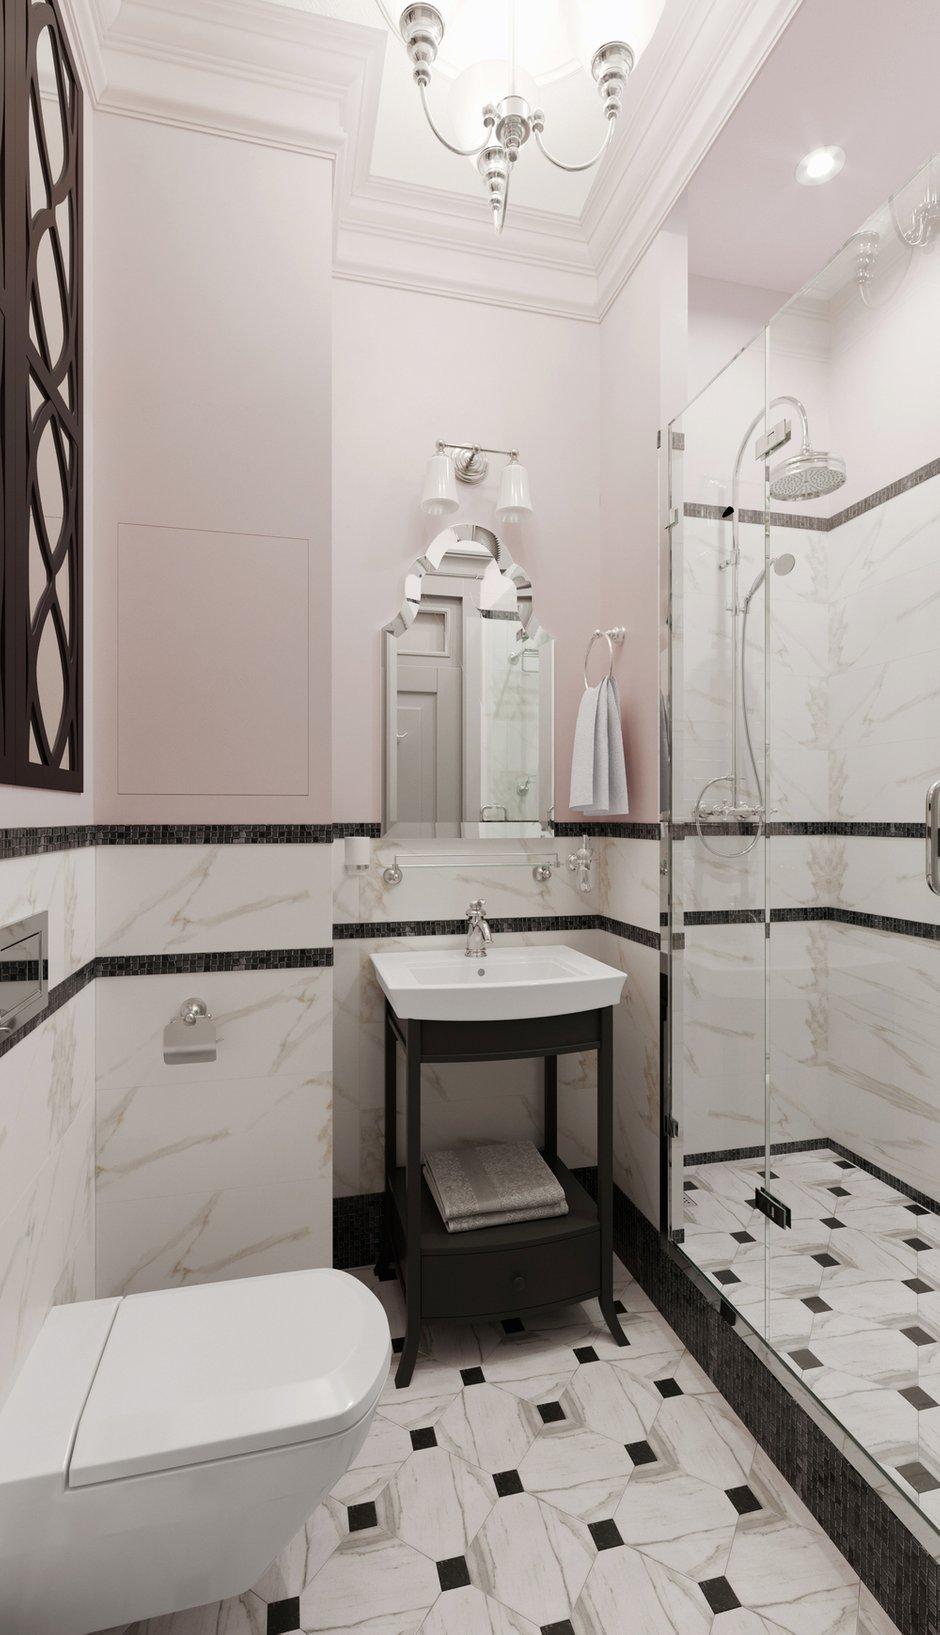 Фотография: Ванная в стиле Классический, Эклектика, Квартира, Проект недели, Москва, Светлана Старцева, Кирпичный дом, 2 комнаты, 40-60 метров – фото на INMYROOM